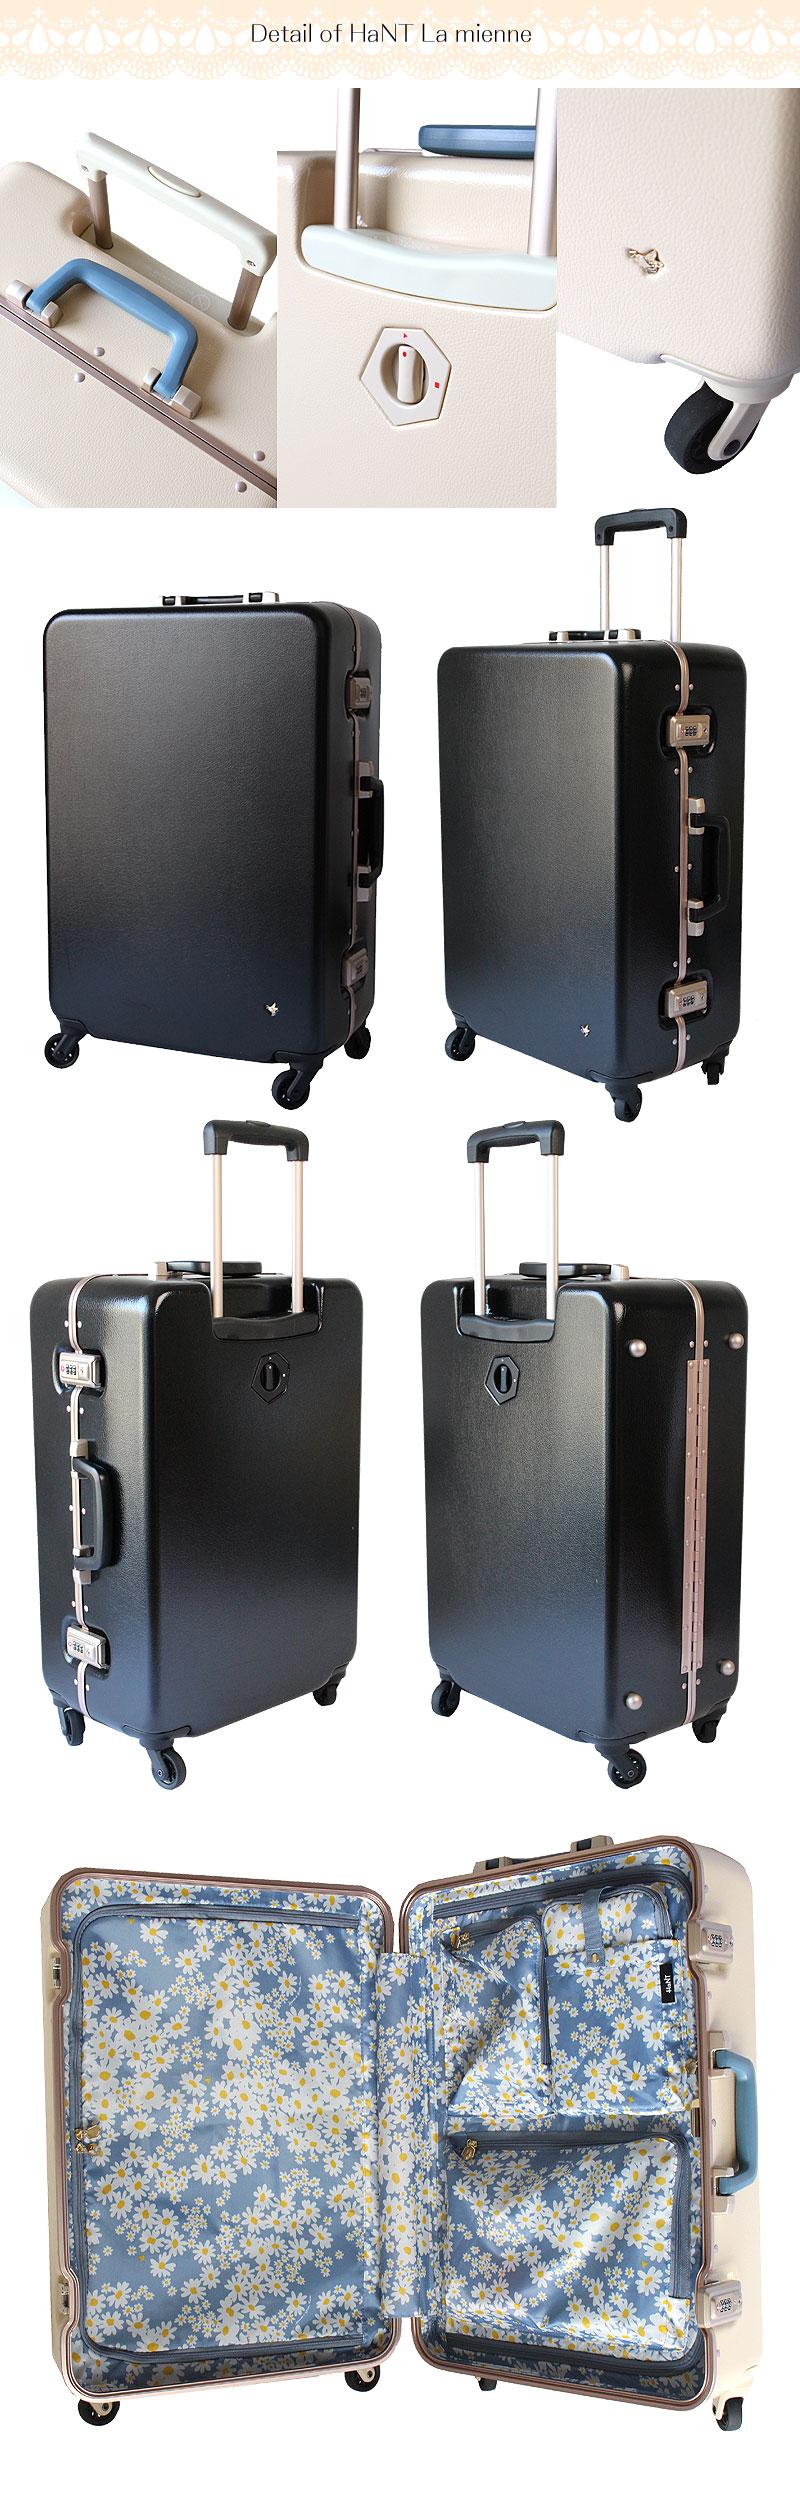 女性向けとしてはめずらしいフレームタイプのスーツケース